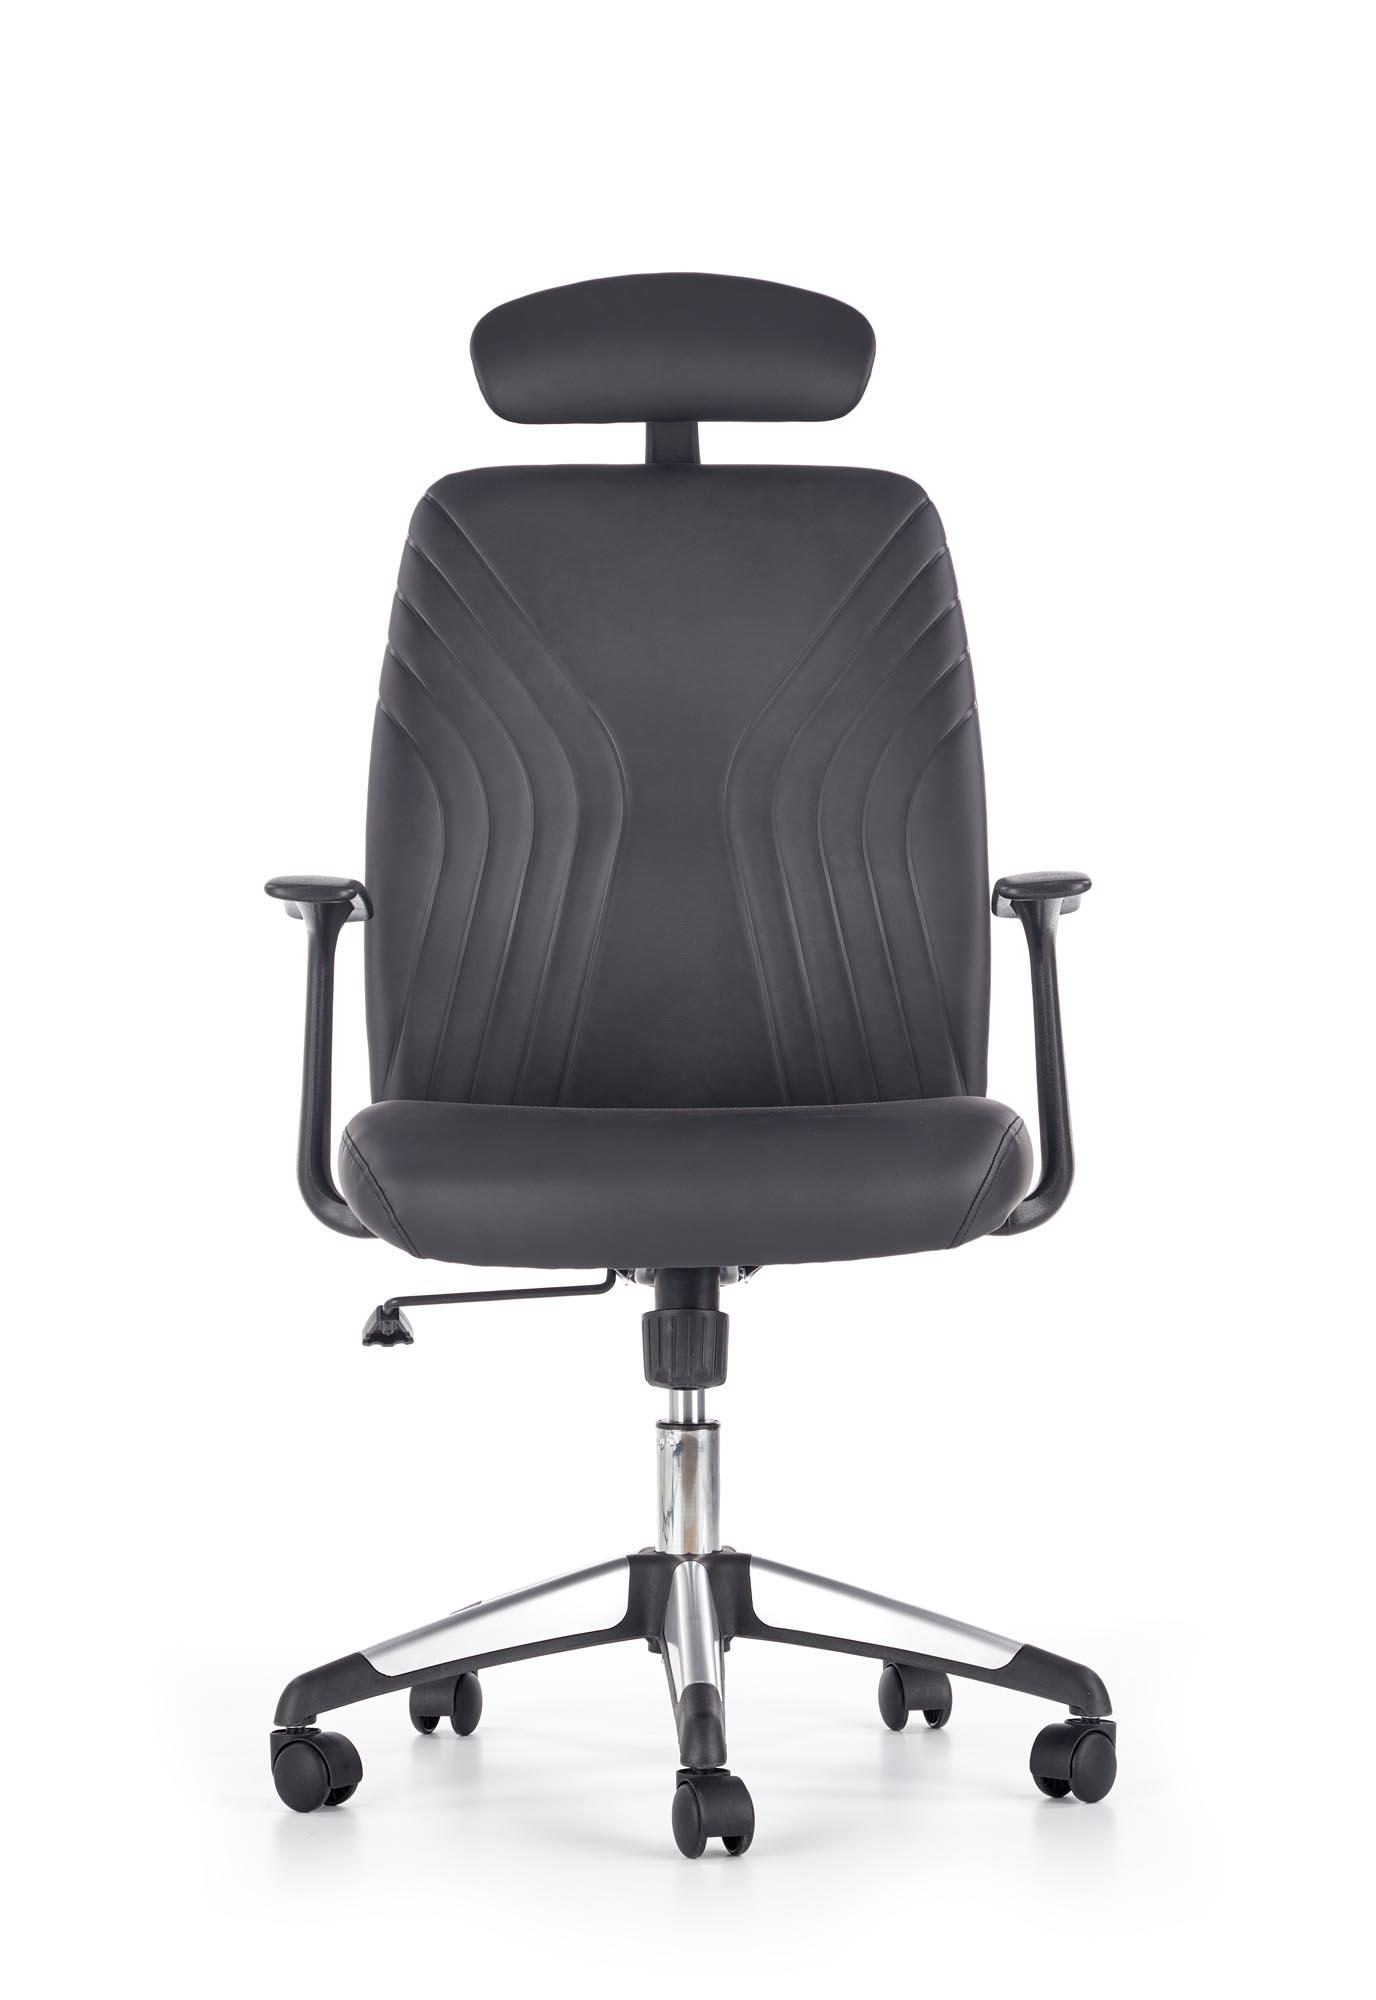 Scaun de birou ergonomic tapitat cu piele ecologica Tolio Black, l60xA63xH110-120 cm poza